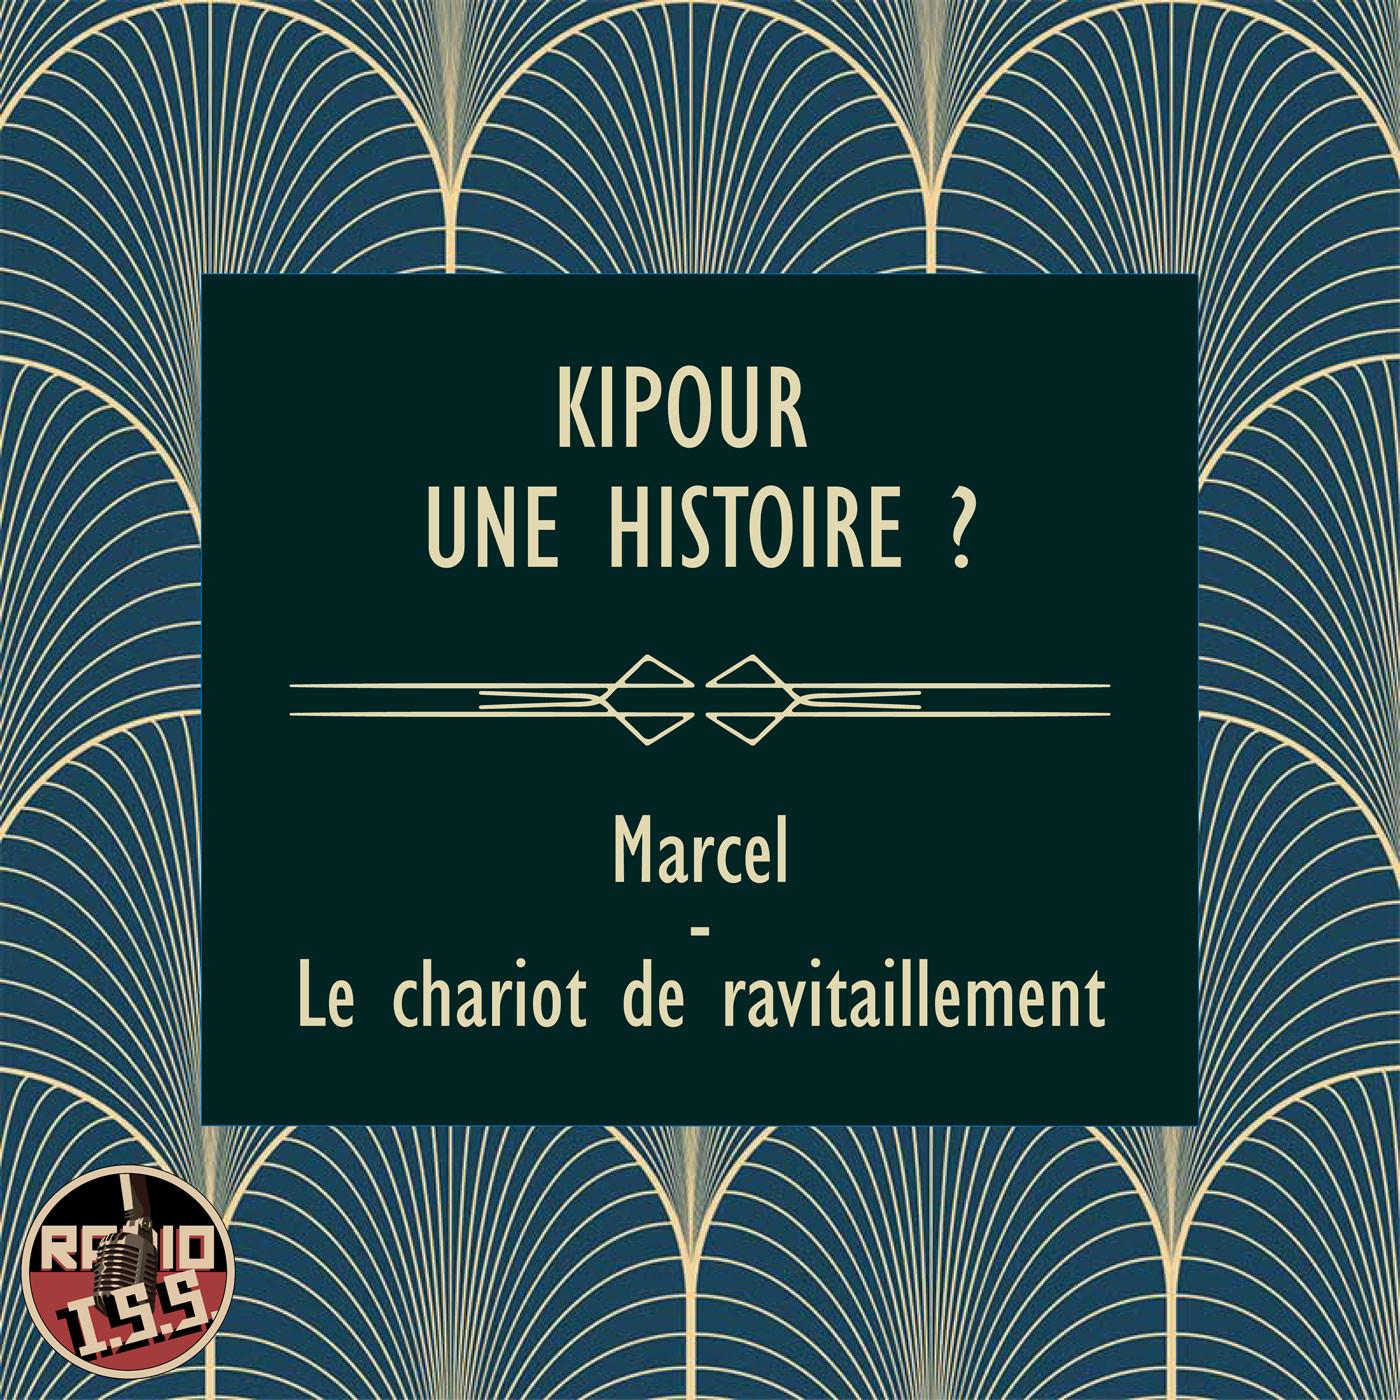 Kipour une histoire ? #2 : Marcel - Le chariot de ravitaillement